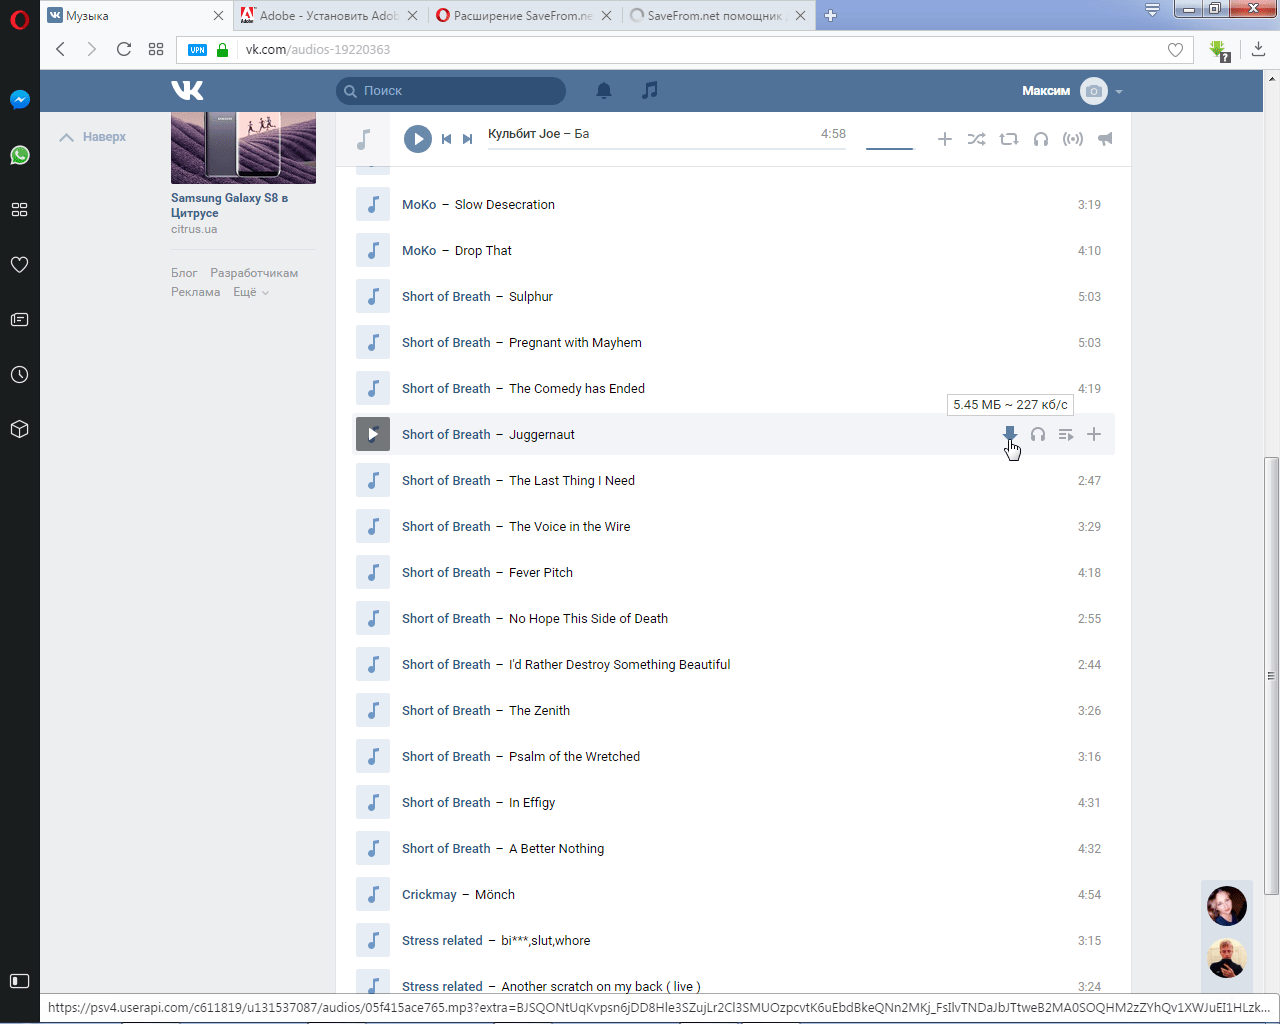 Открываем аудиозаписи или находим требуемые треки